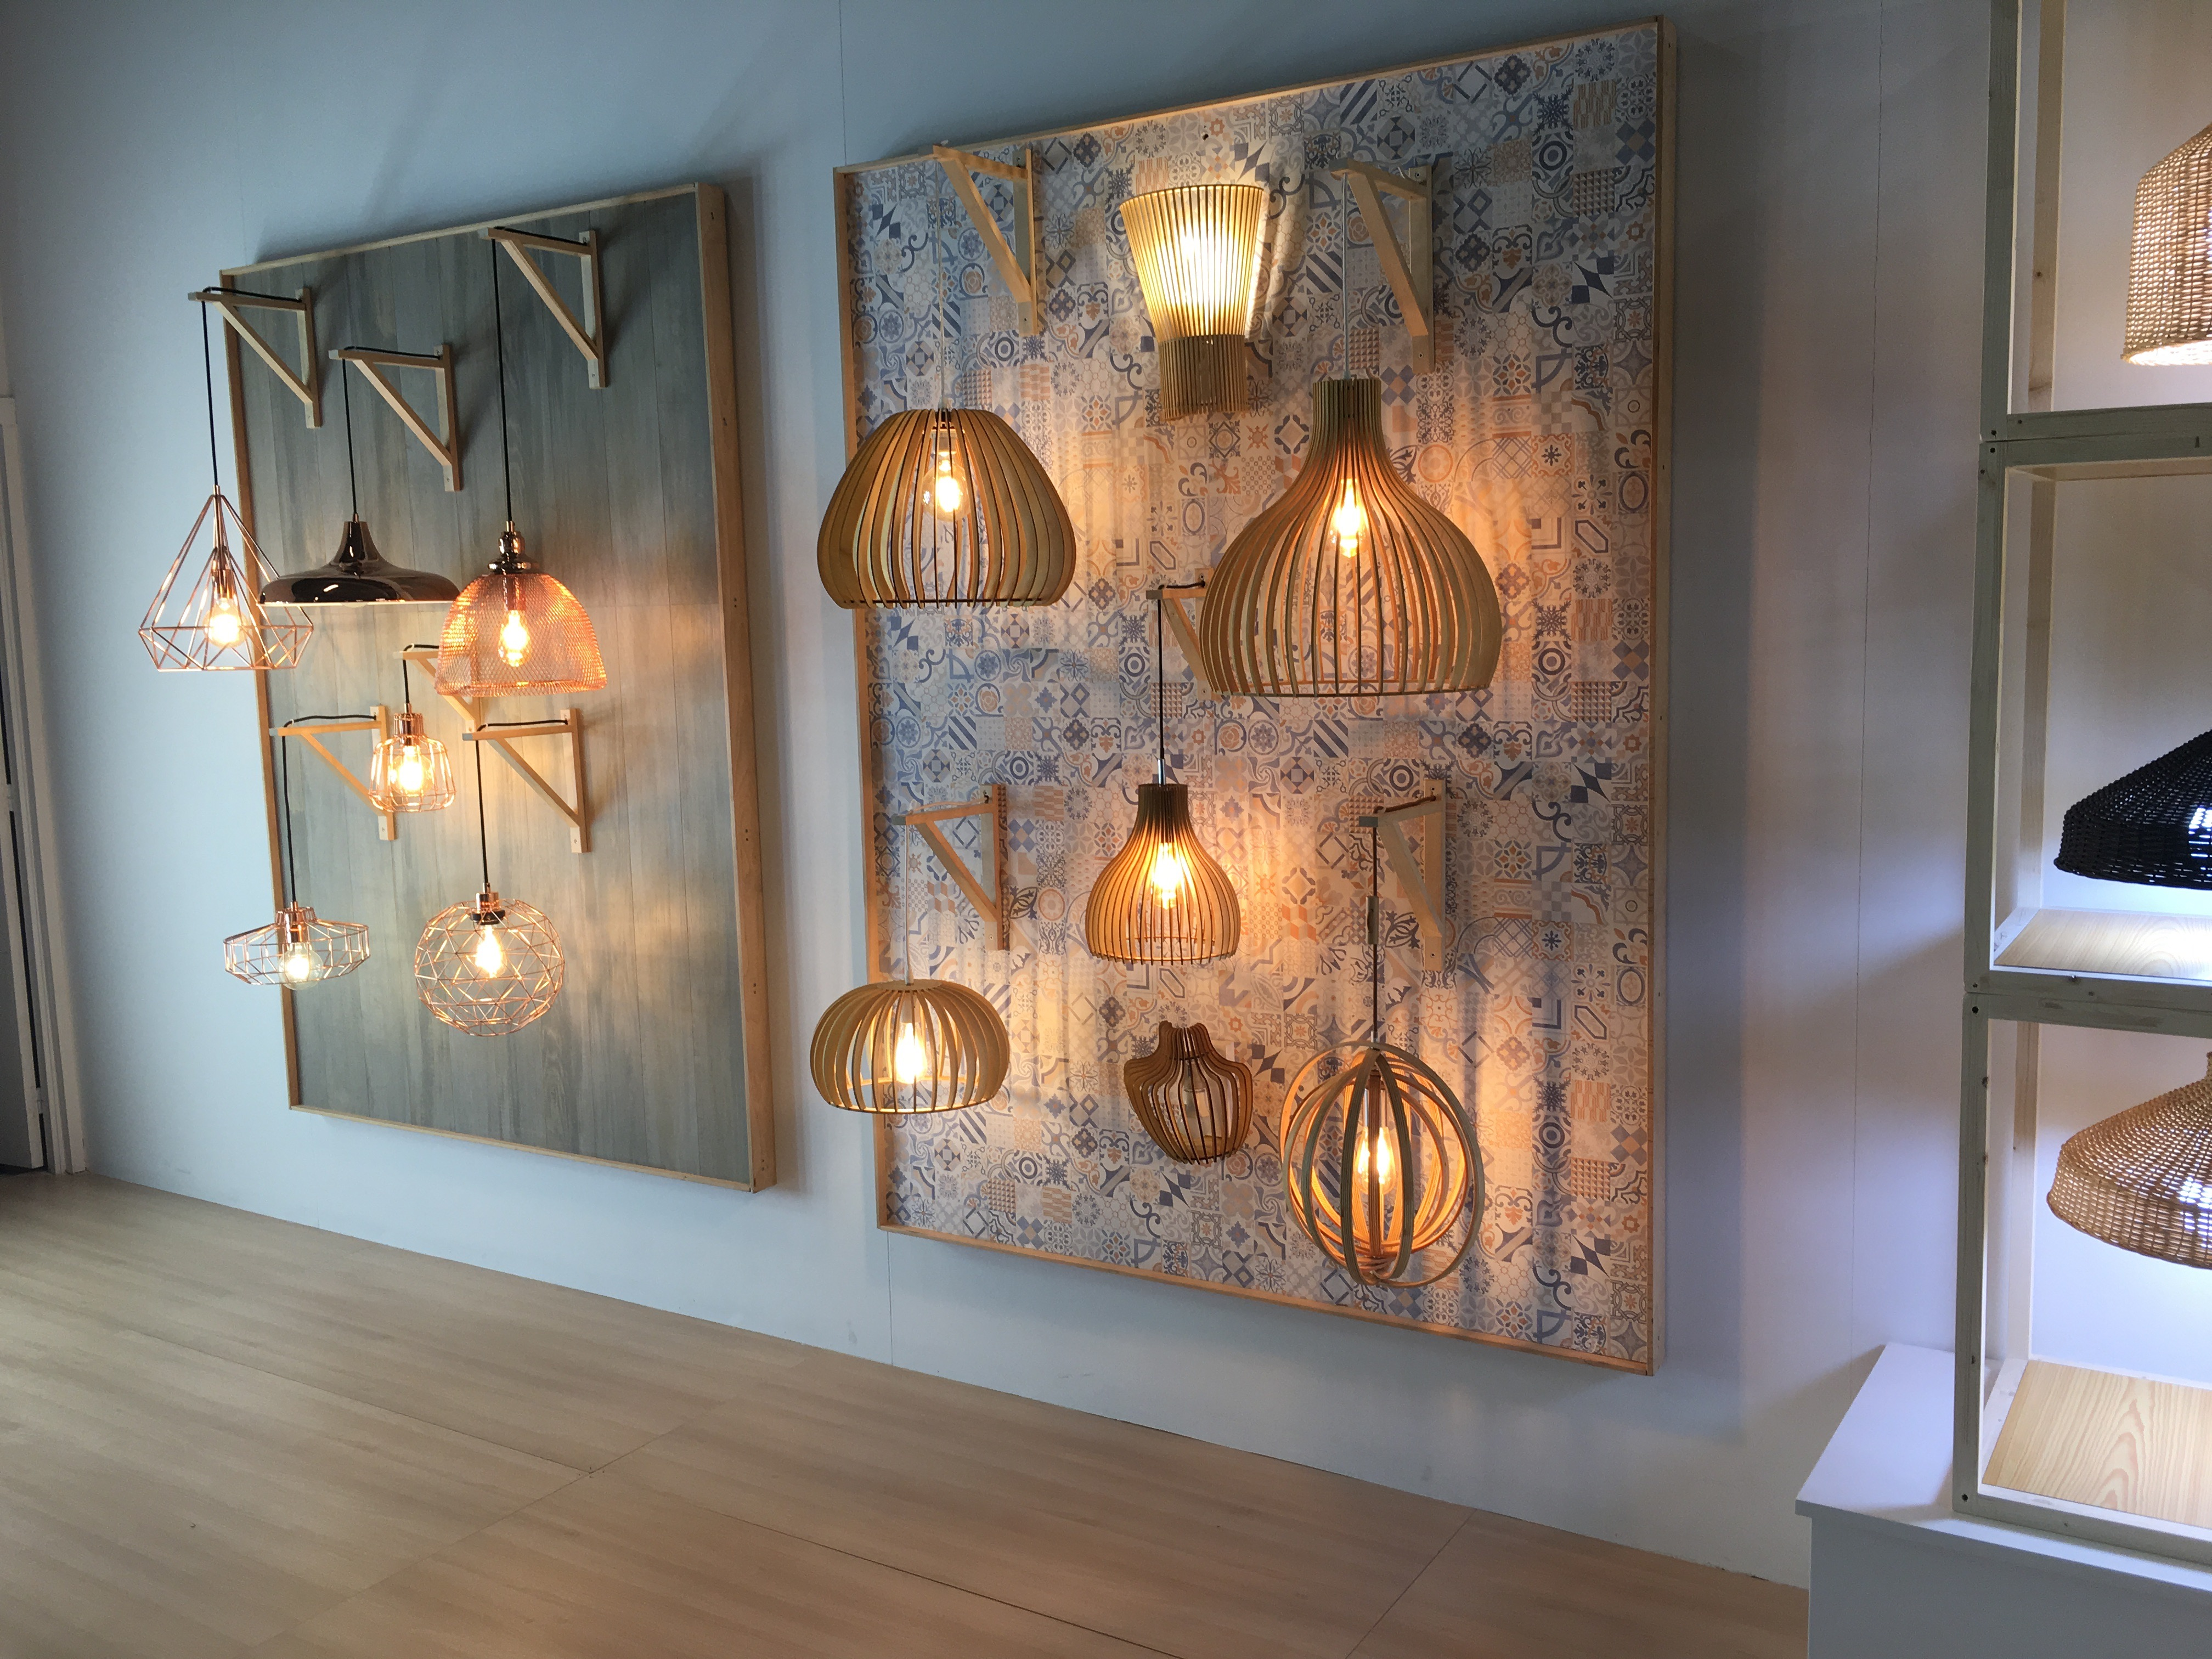 Visitamos la feria del mueble valencia 2017 - Estudio interiorismo valencia ...